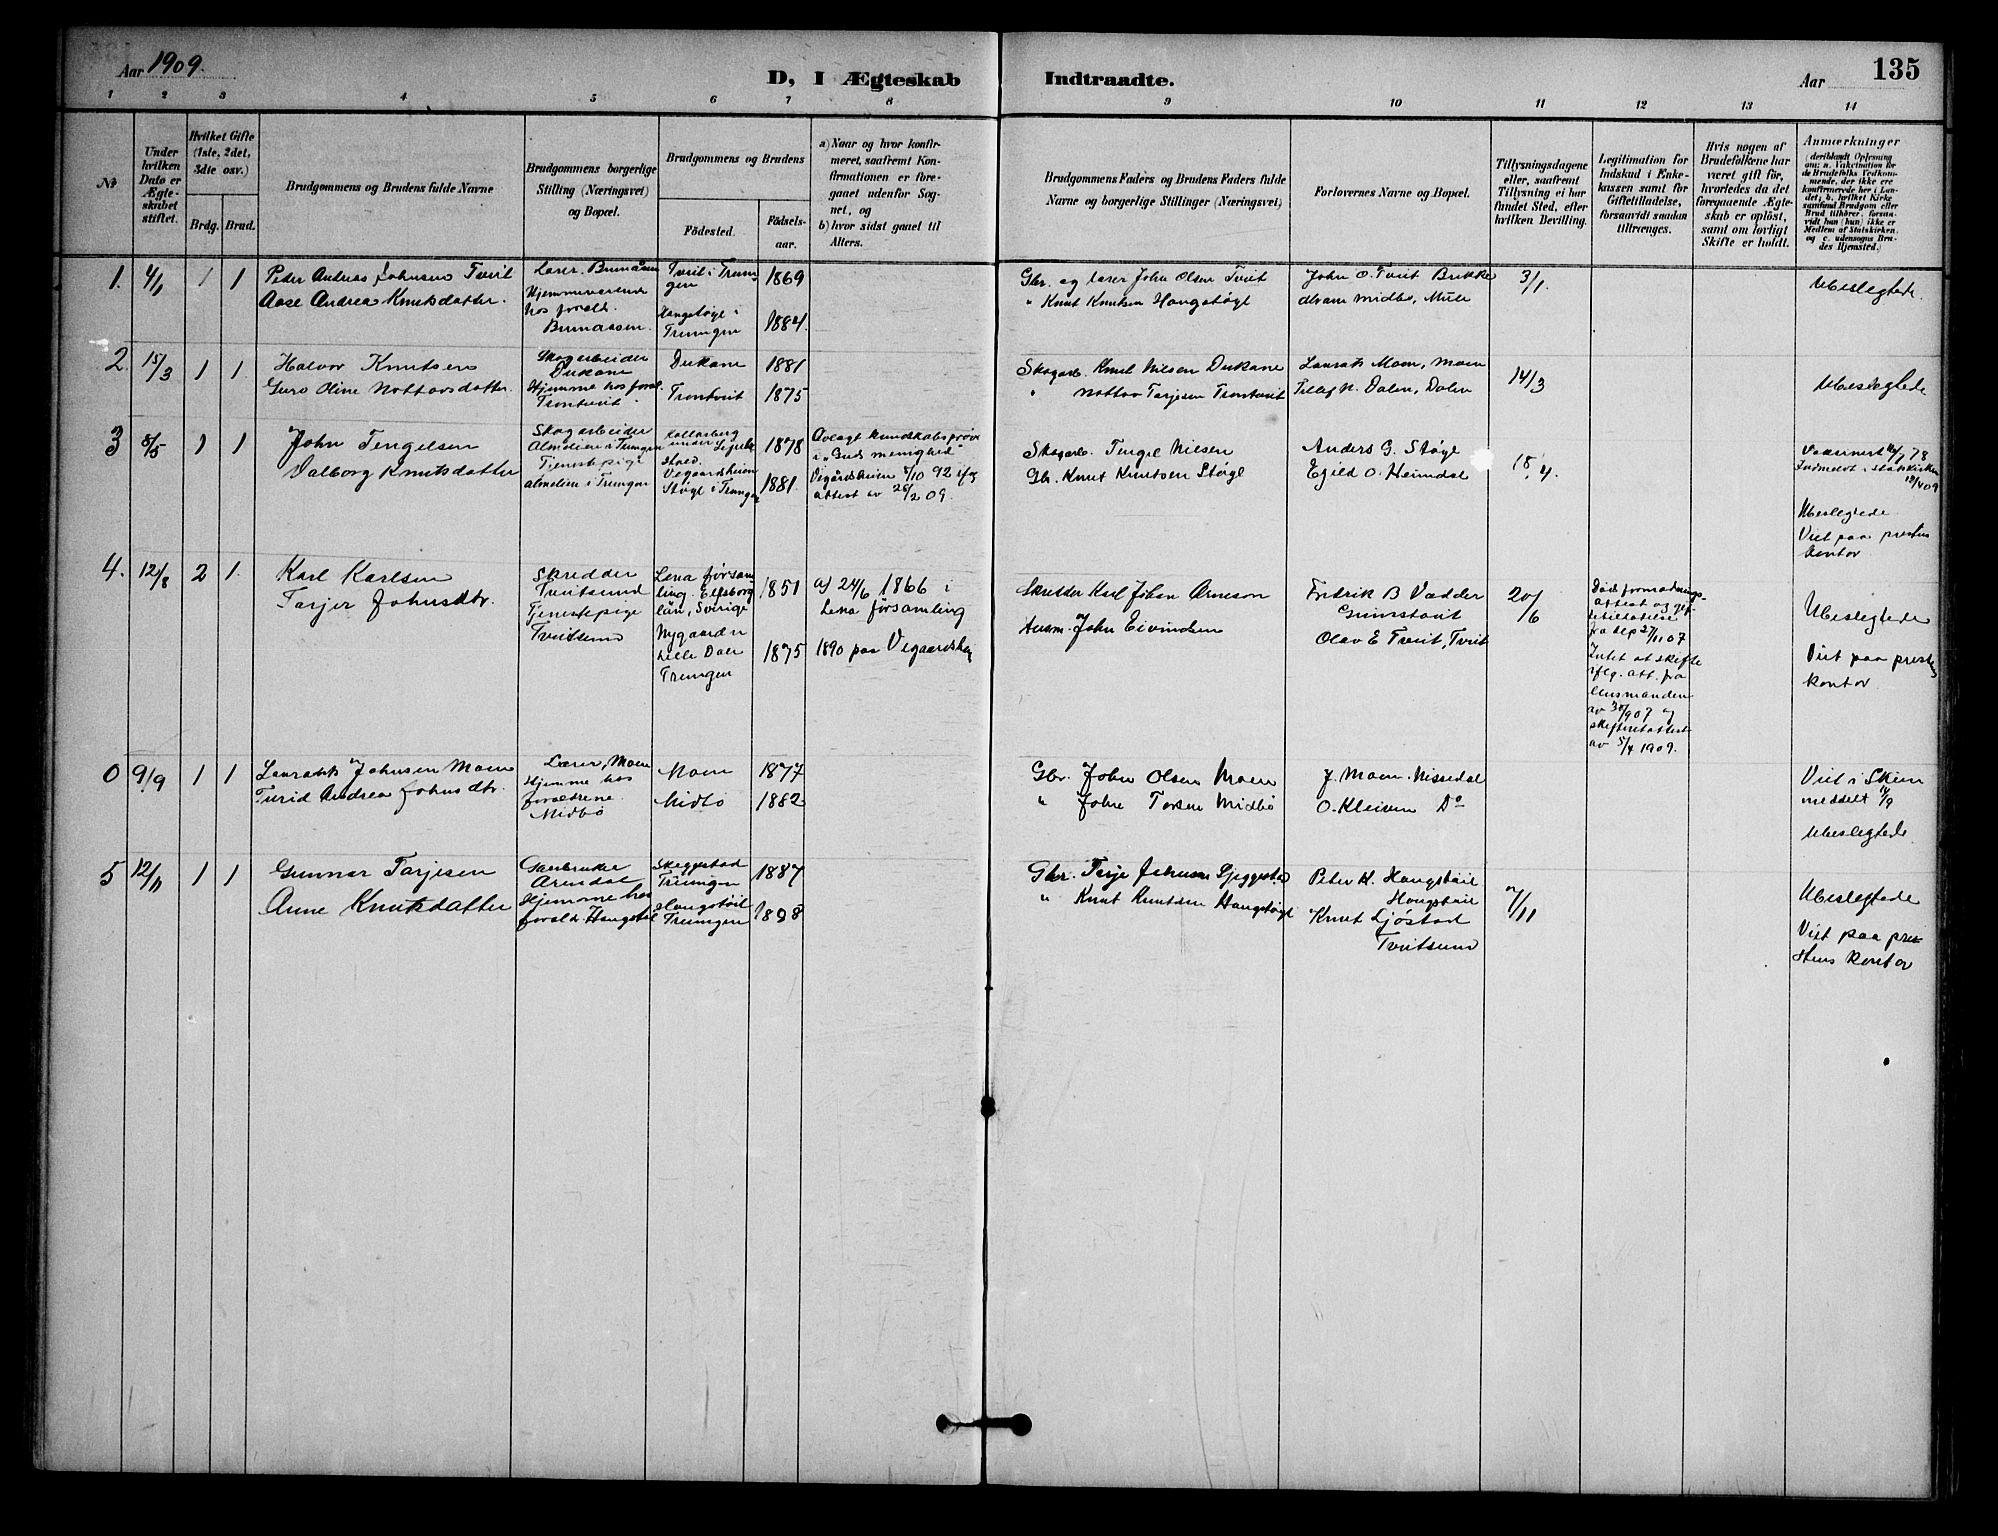 SAKO, Nissedal kirkebøker, G/Ga/L0003: Klokkerbok nr. I 3, 1887-1911, s. 135